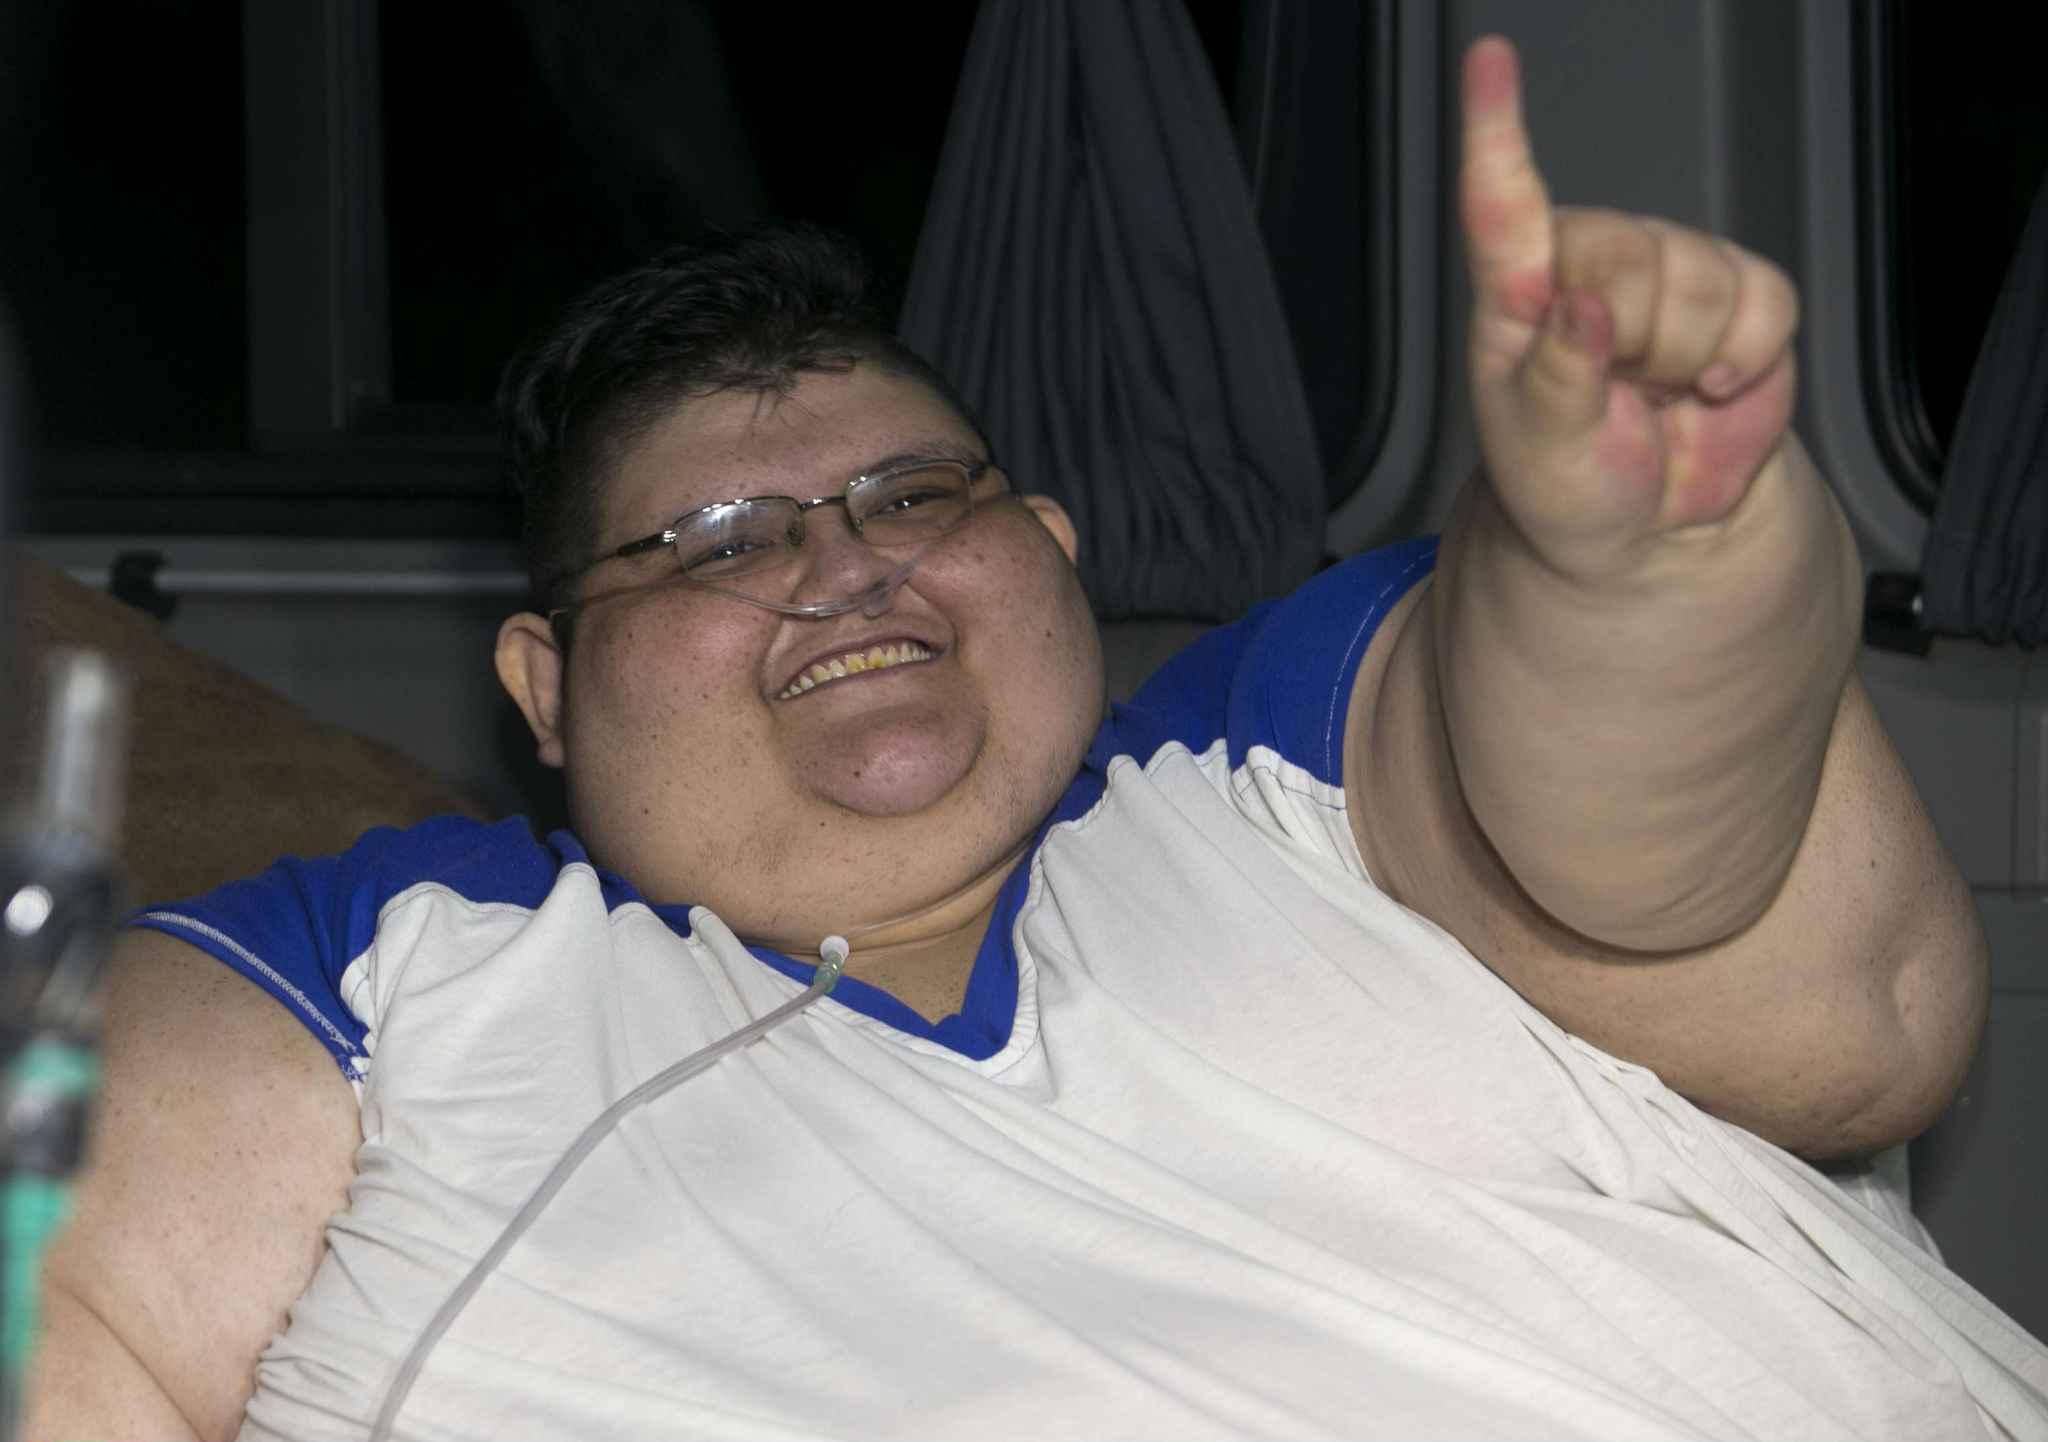 L'homme le plus gros du monde voudrait perdre 300 kilos...Vidéo